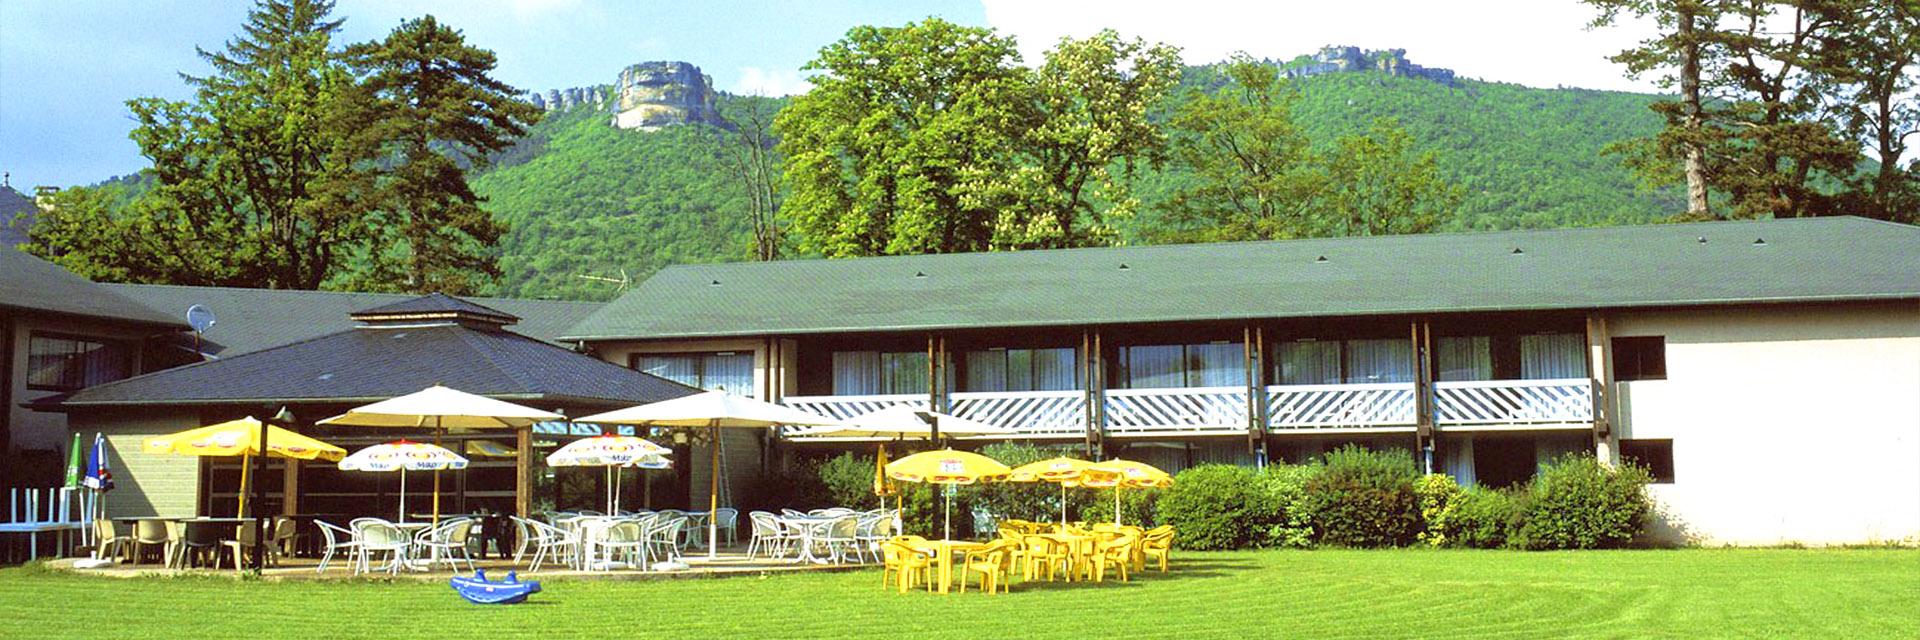 Village_club_vacances_aveyron-cantal-et-ardèche-domaine-de-roc-nantais-villege